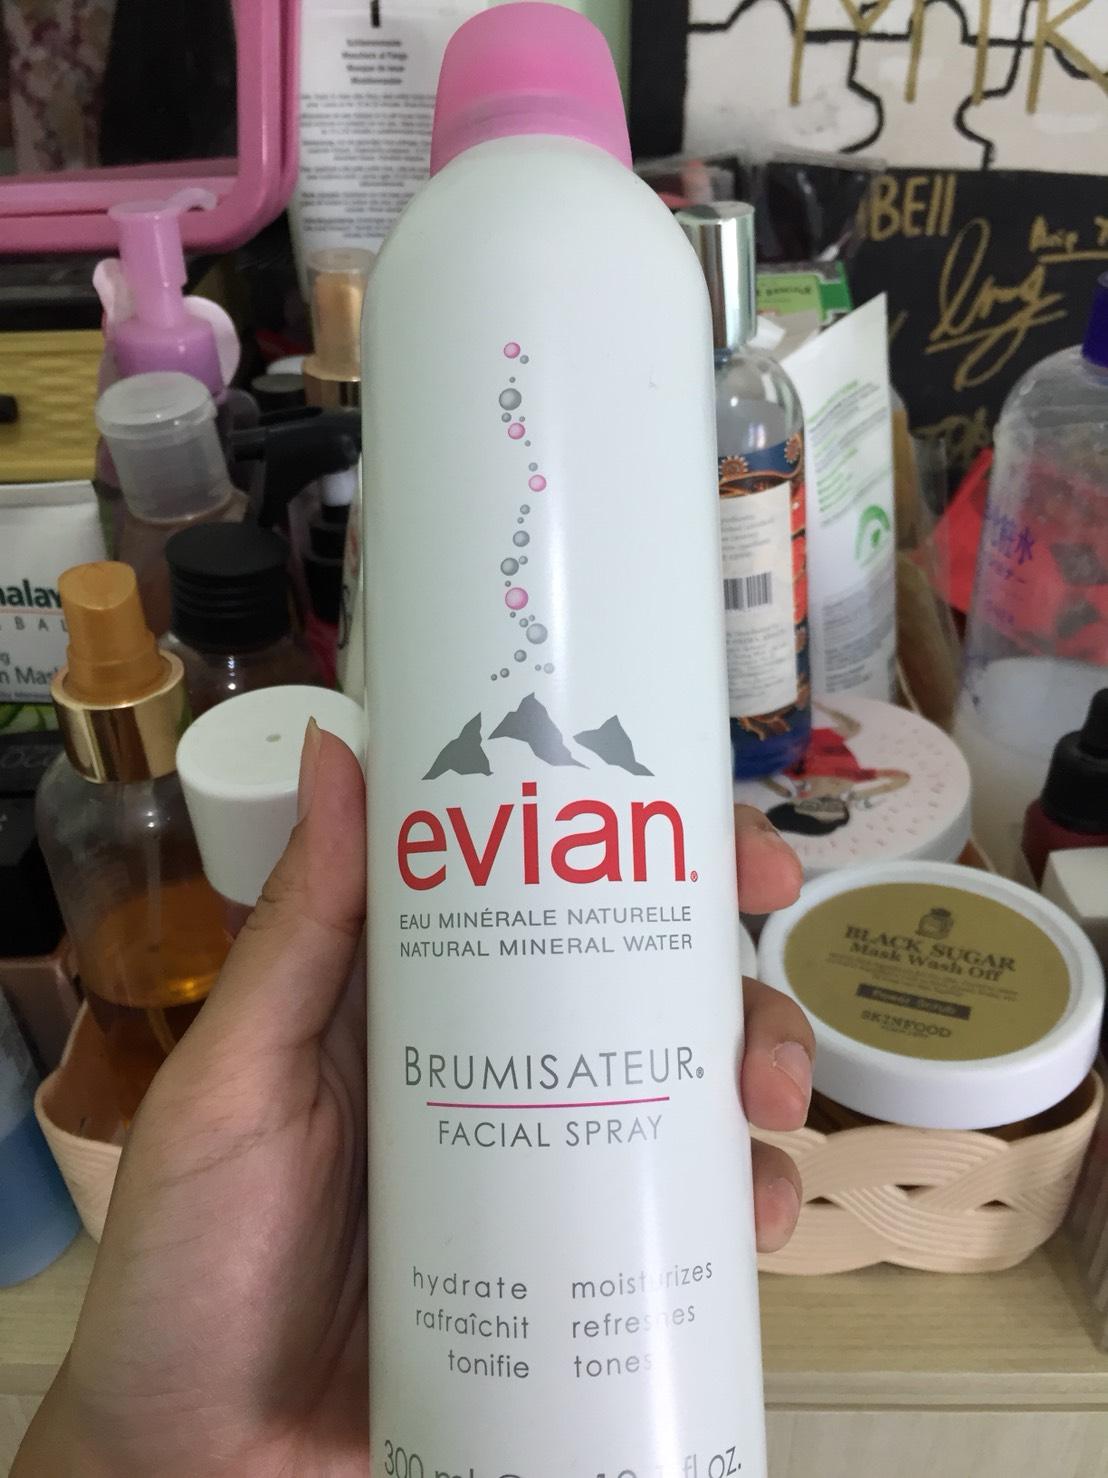 Review Evian Facial Spray 300ml Beauty Journal By Sociolla Gunakan Beberapakali Dalam Sehari Semprotkan Secara Melingkat Ke Bagian Wajah Tubuh Yang Membutuhkan Dengan Jarak 30cm Dari Permukaan Kulit